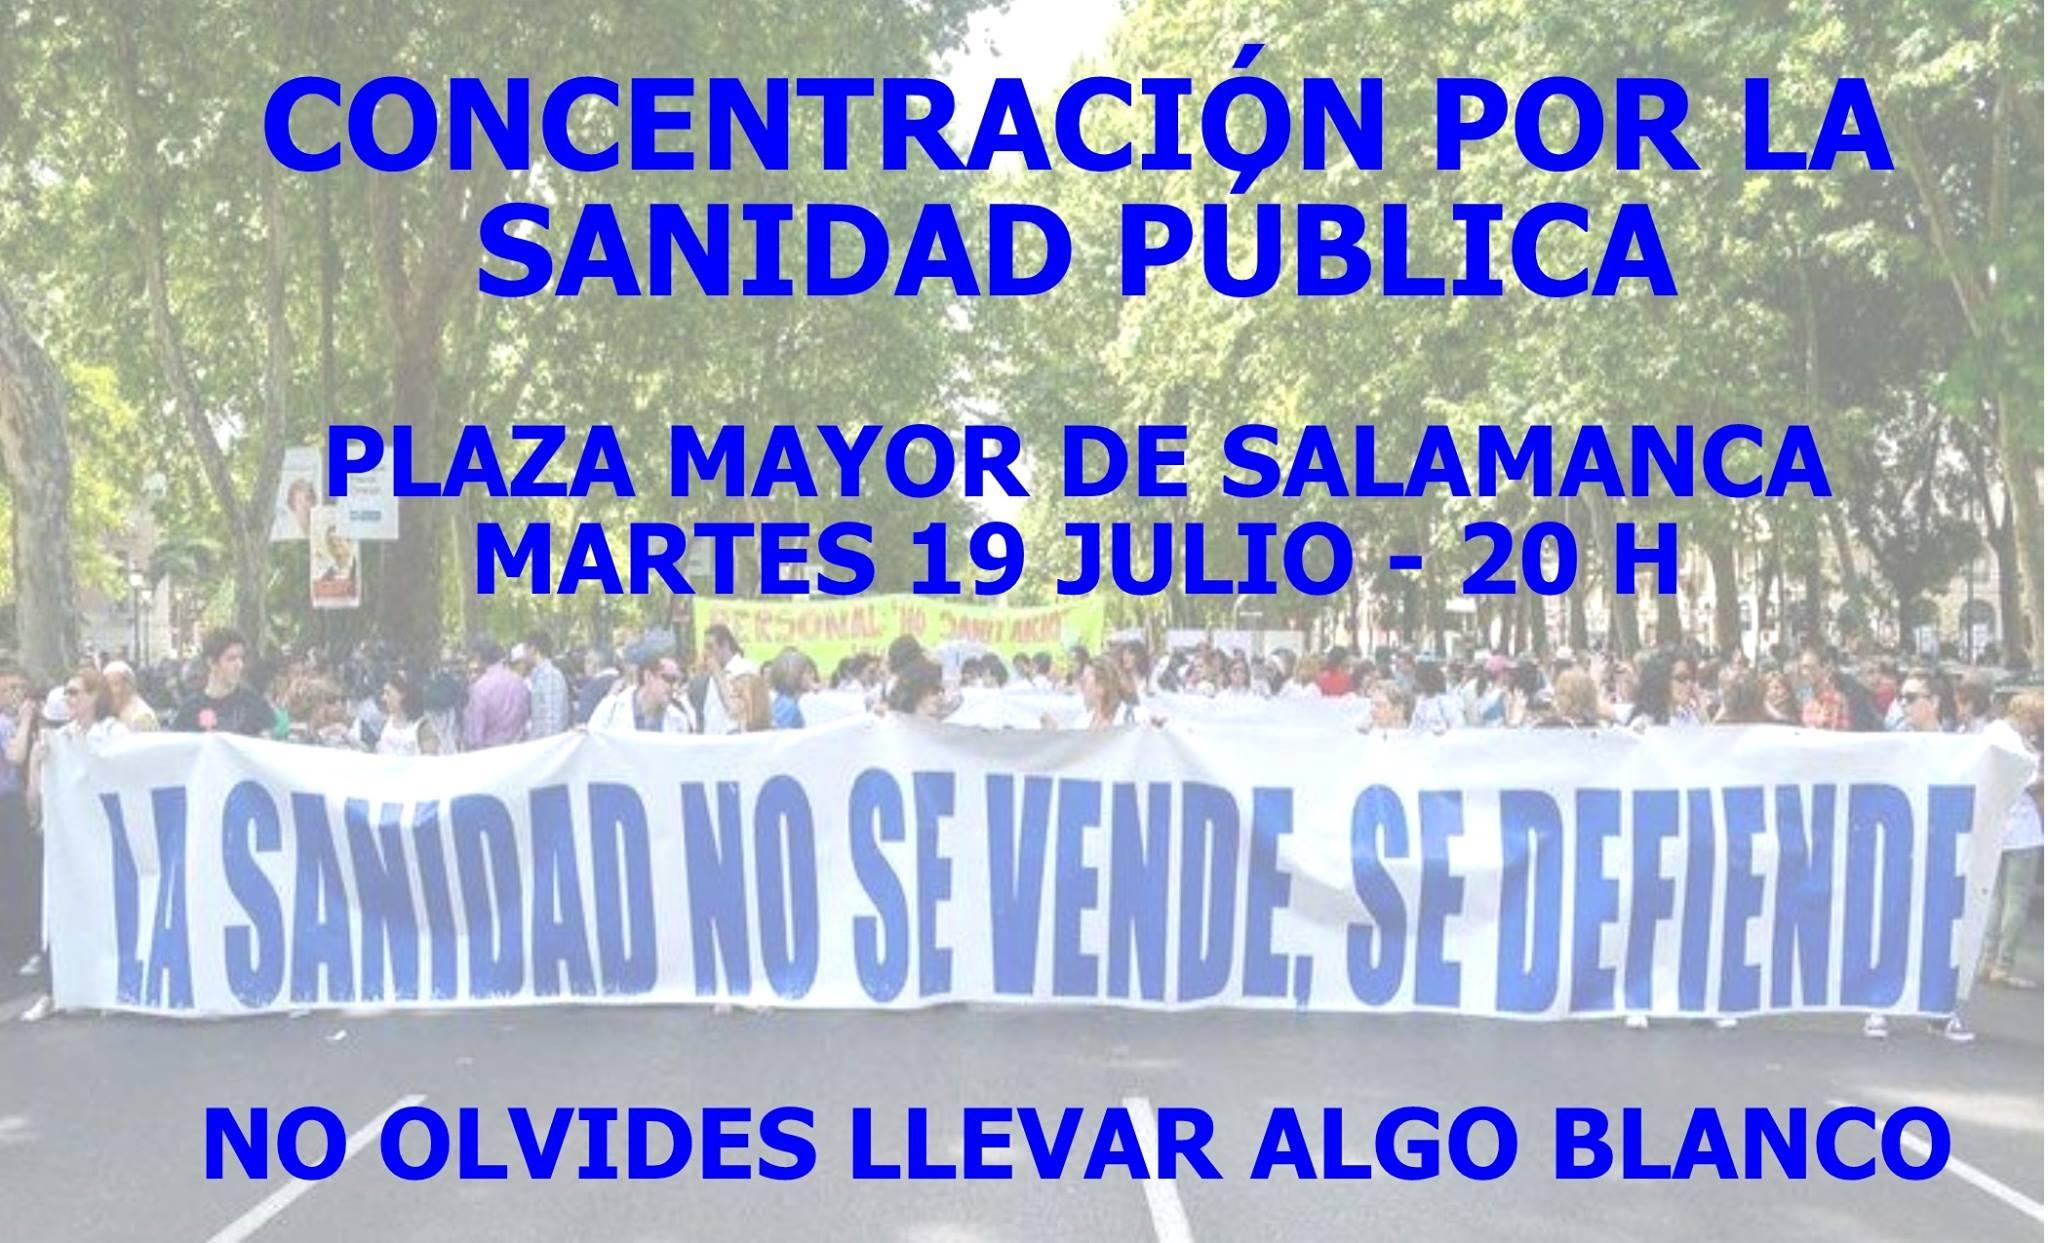 Concentración por la Sanidad Publica. Salamanca 19.7.16